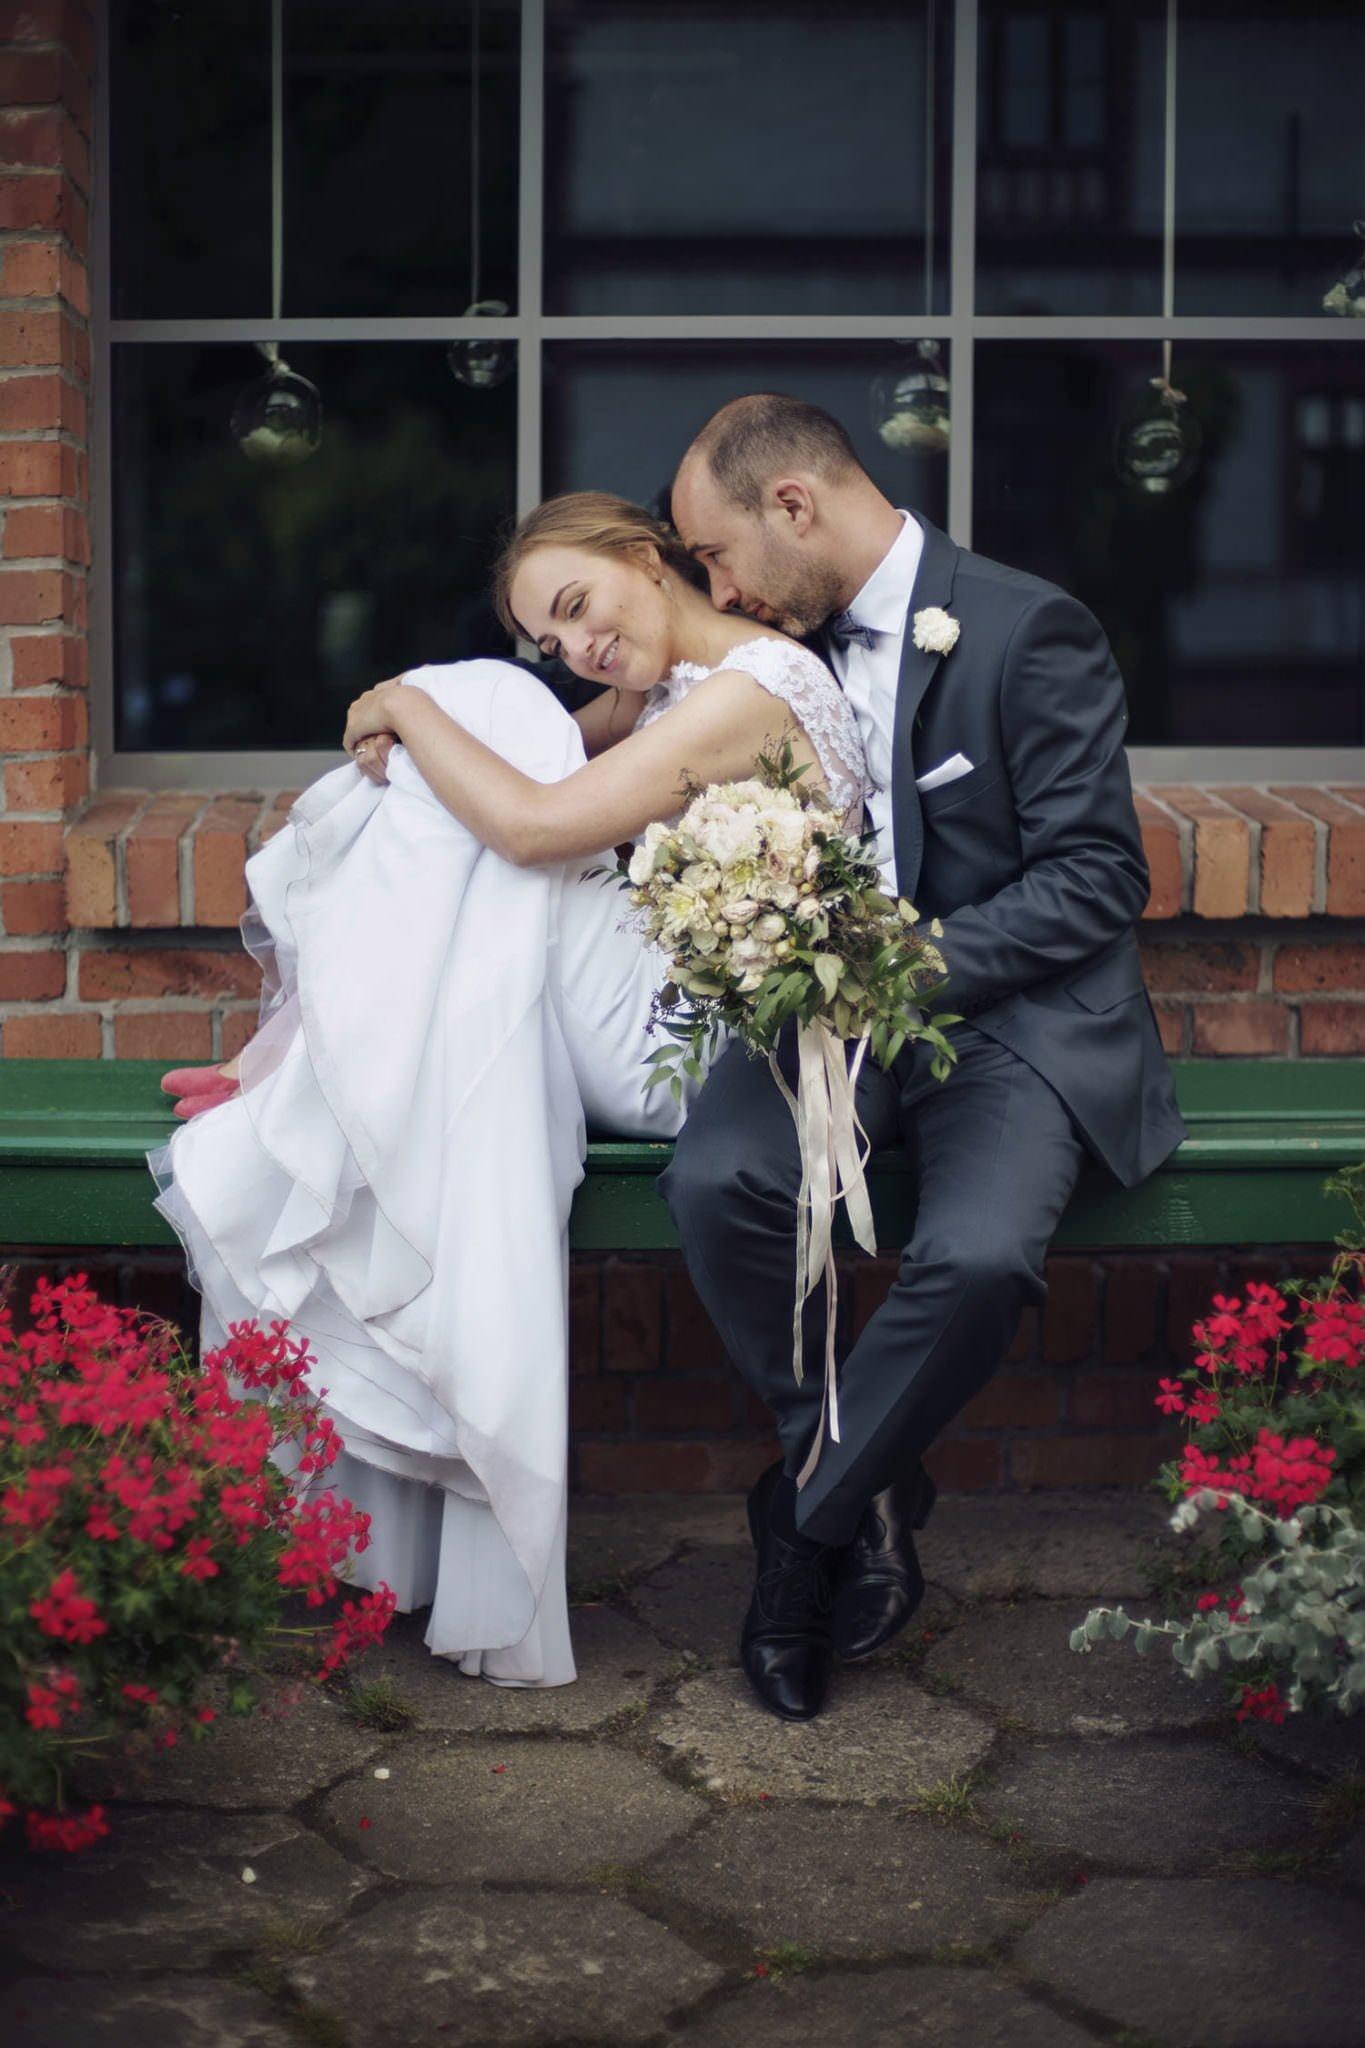 fotografie wesele browar obywatelski tychy 41 - Wesele w Browarze obywatelskim - OLA & IVO